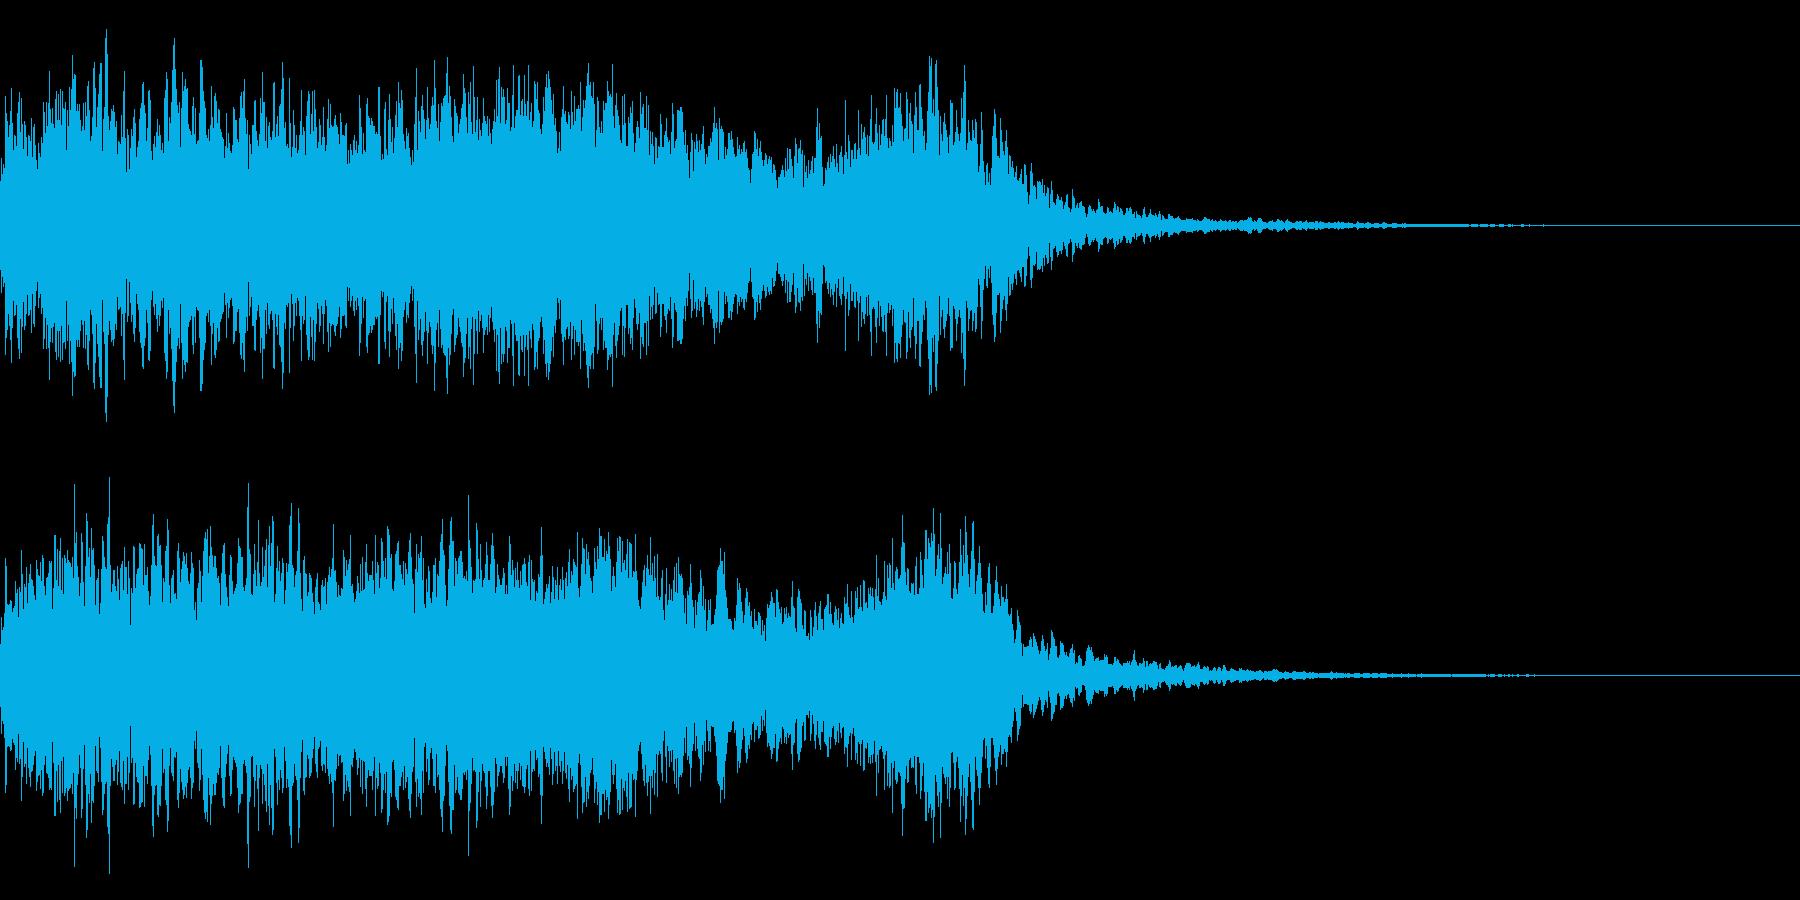 神社 結婚式の笛(笙)和風フレーズ!05の再生済みの波形